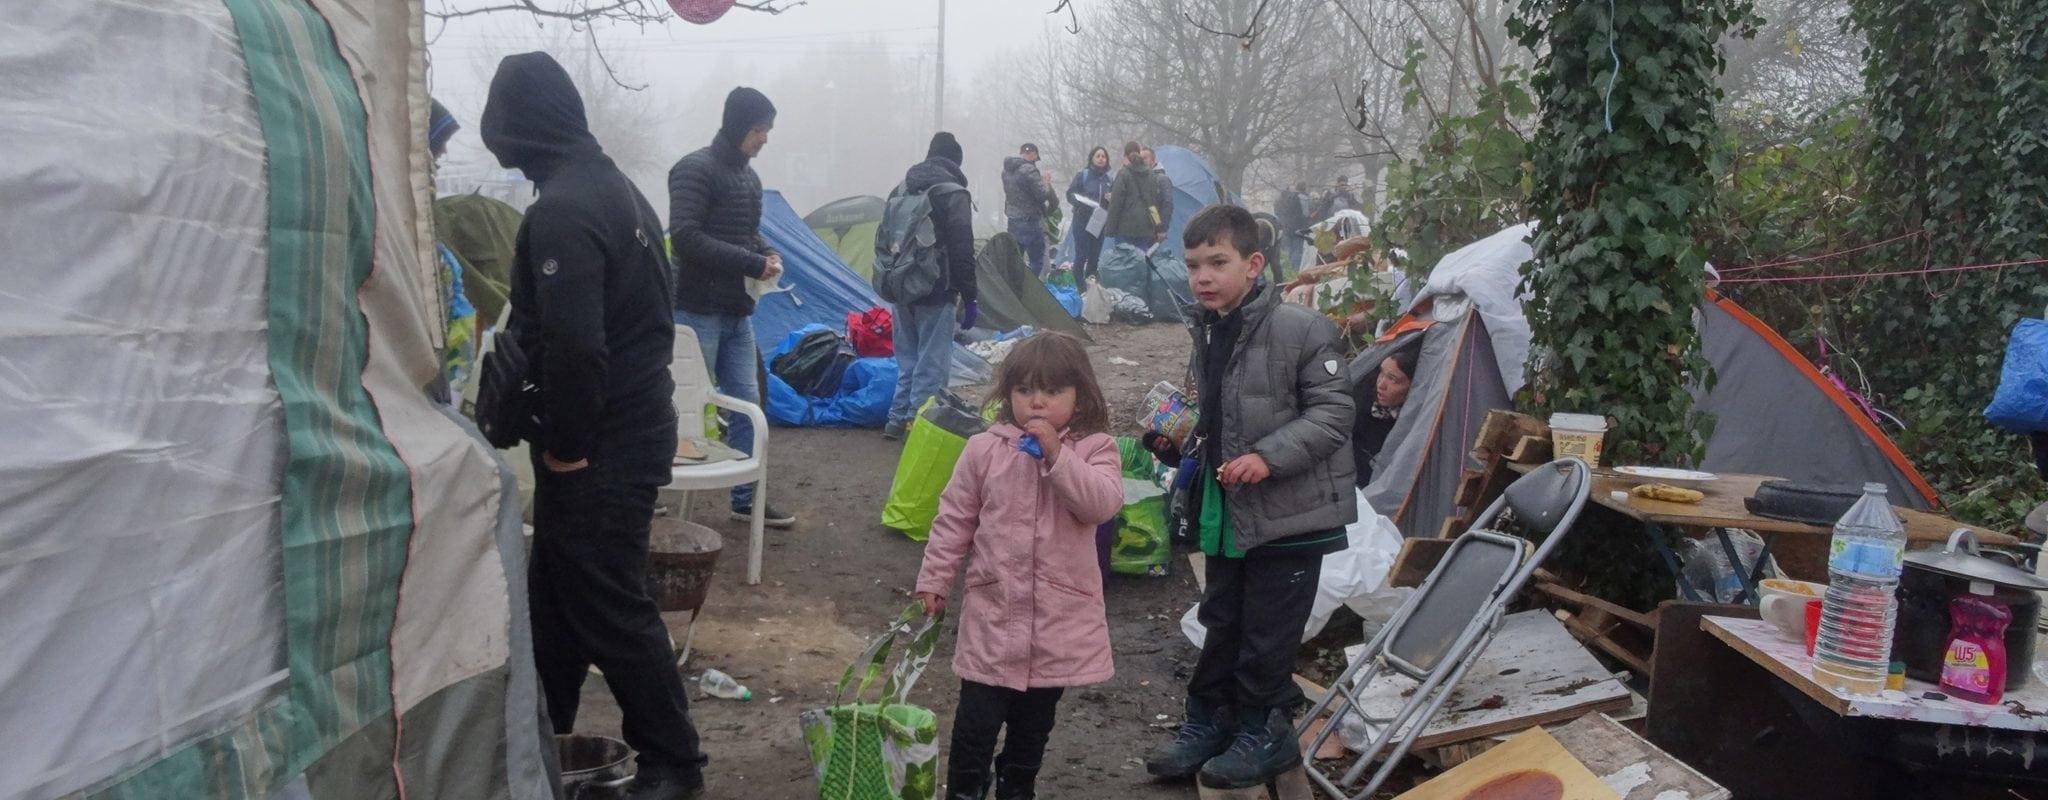 Le camp des Ducs d'Alsace évacué